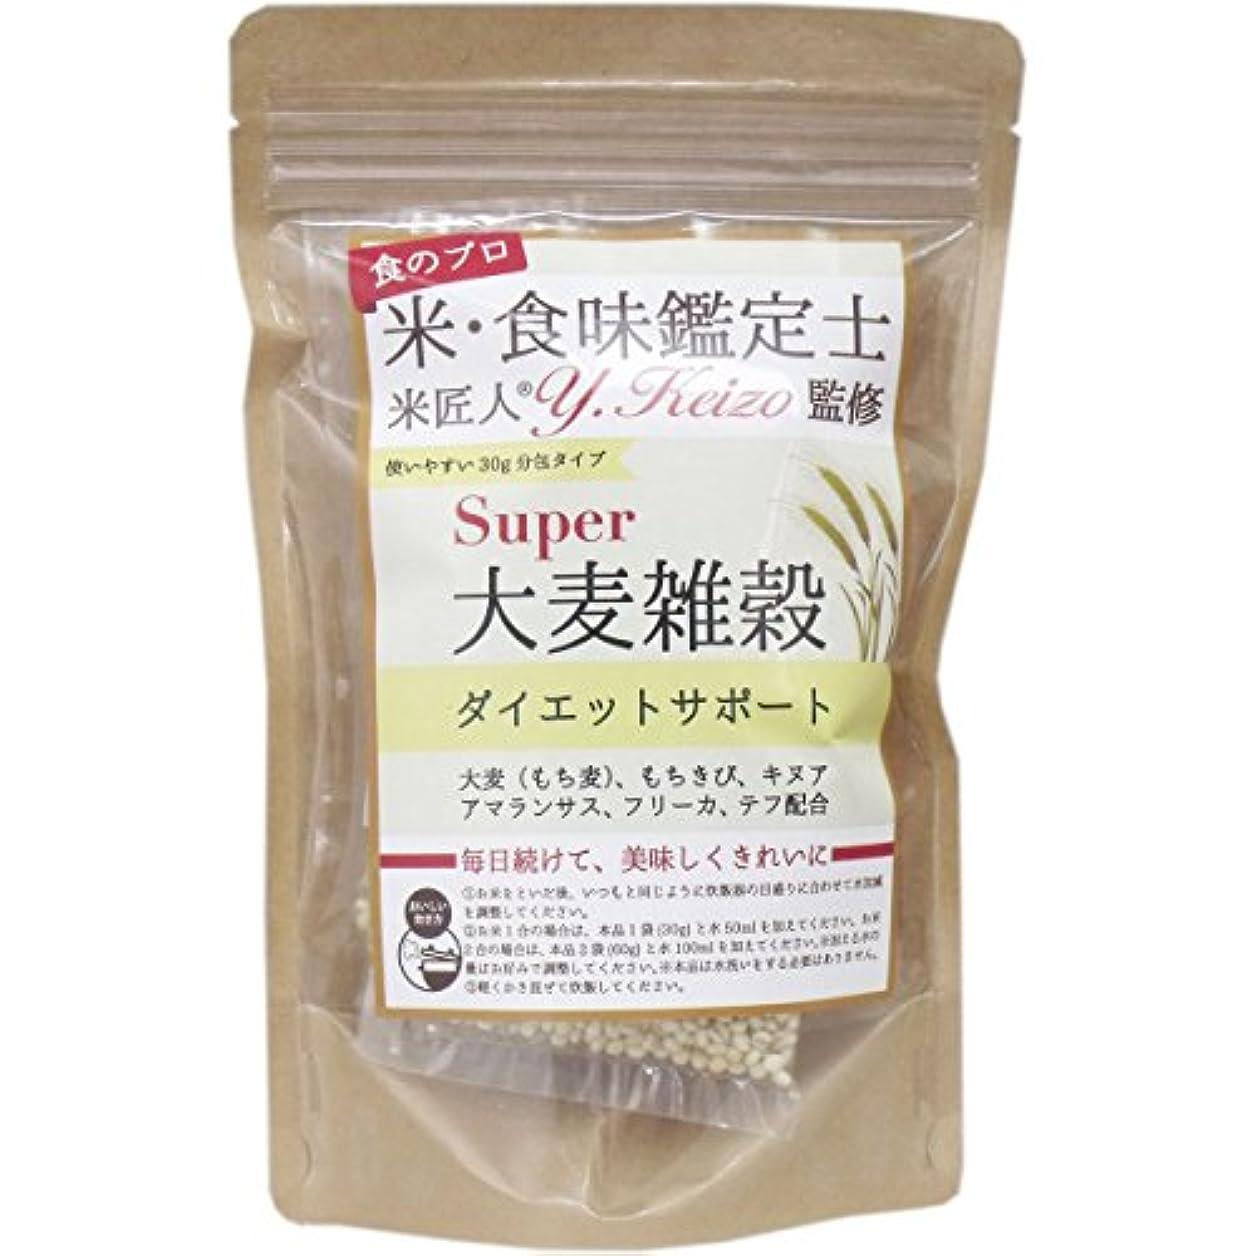 スーパー大麦雑穀ダイエットサポート 30g×6包入×5点